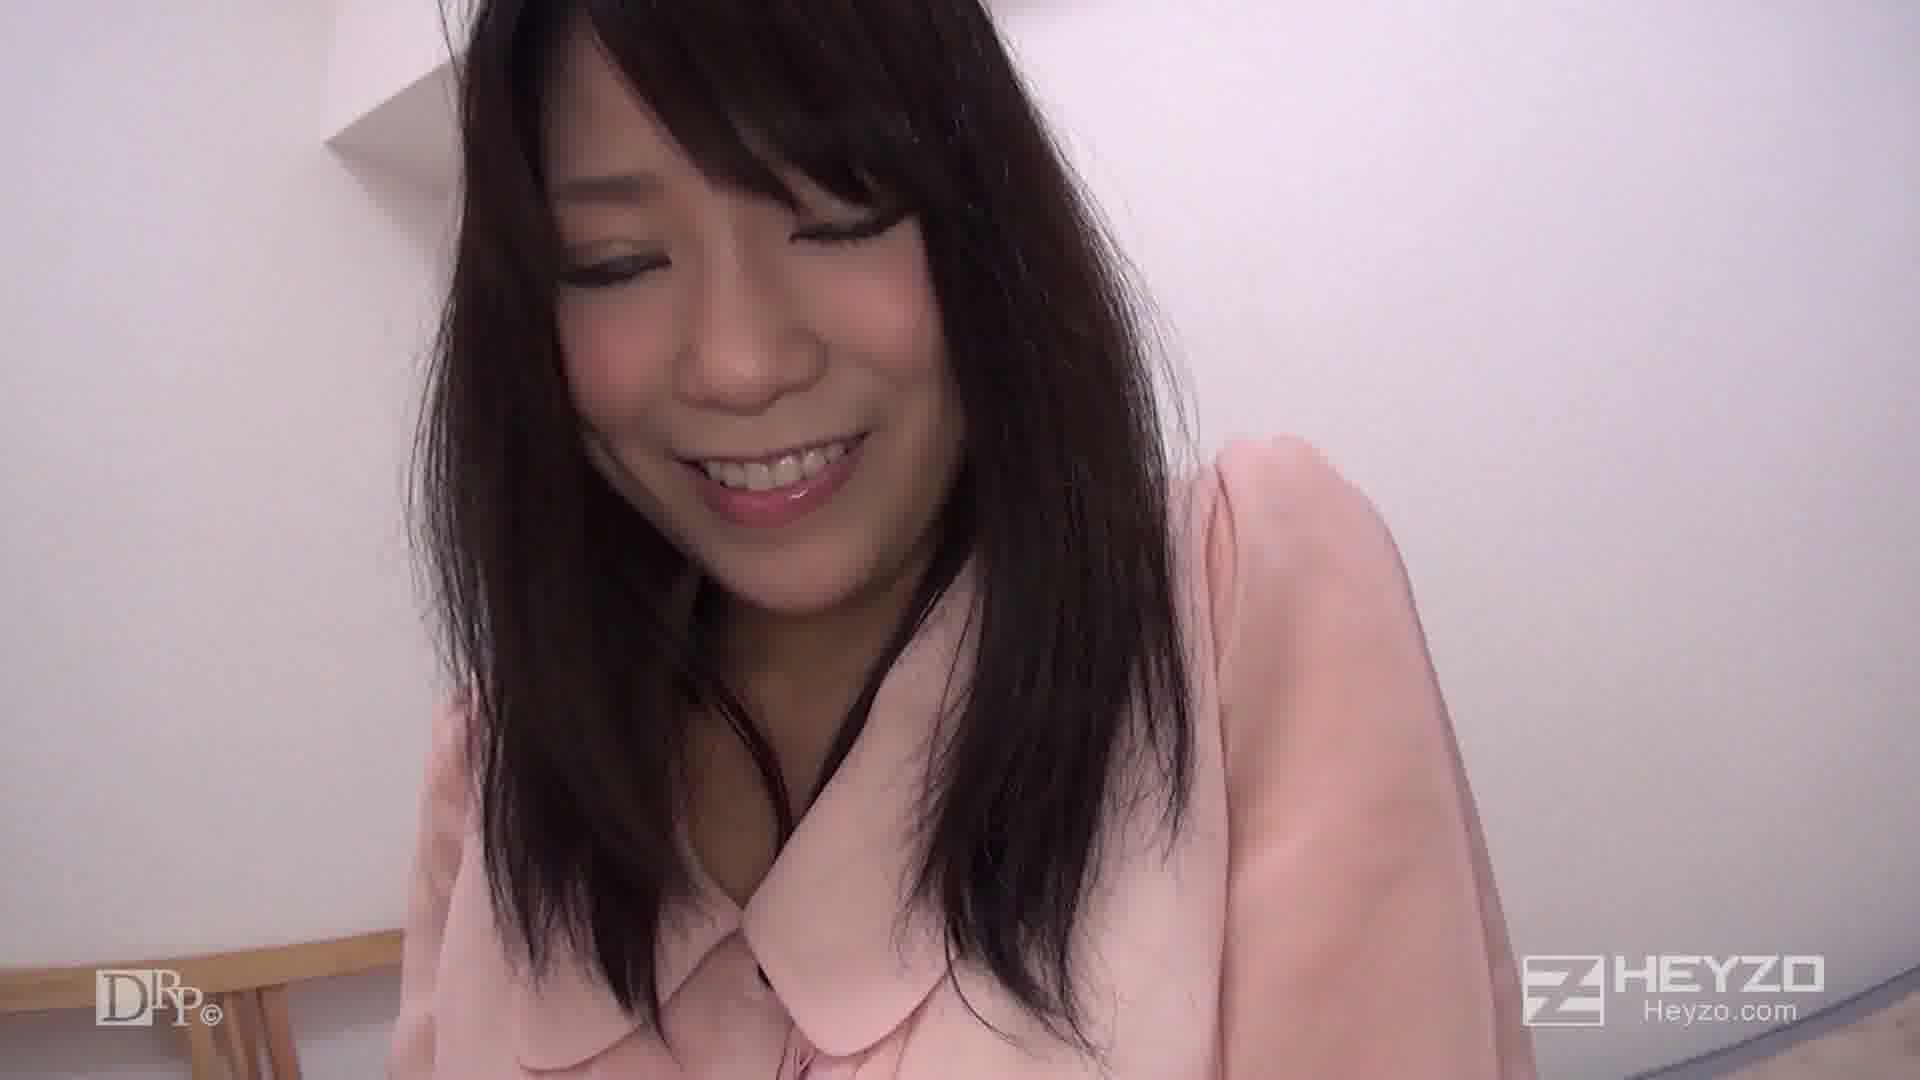 出会い系SNSハメ撮り日記~Gカップ風俗嬢のグラマラスボディ~ - 星崎亜耶【タッチ 乳舐め】